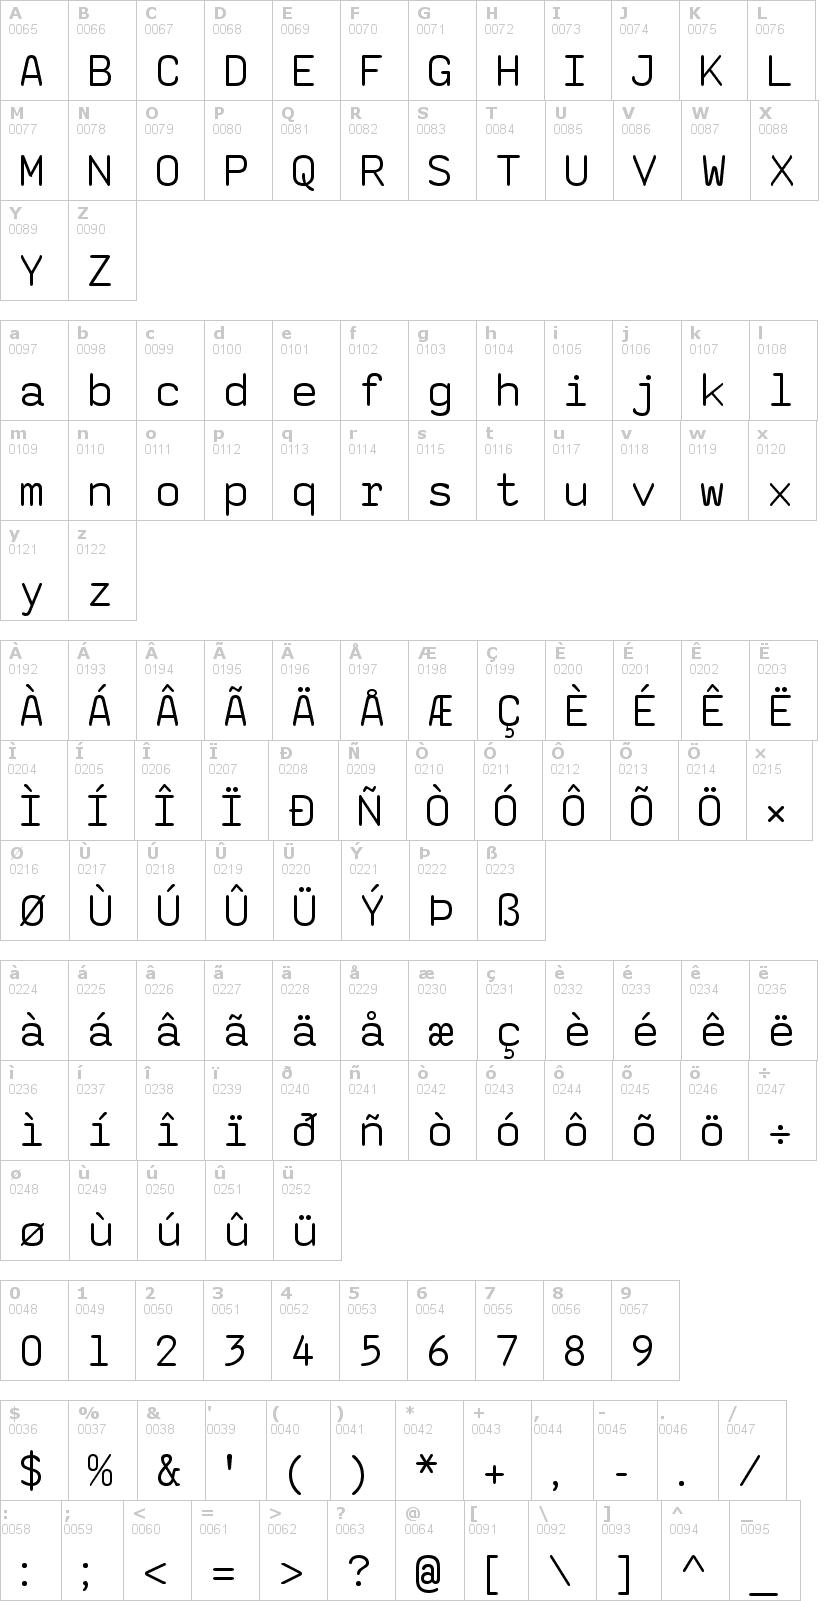 Lettere dell'alfabeto del font saxmono con le quali è possibile realizzare adesivi prespaziati